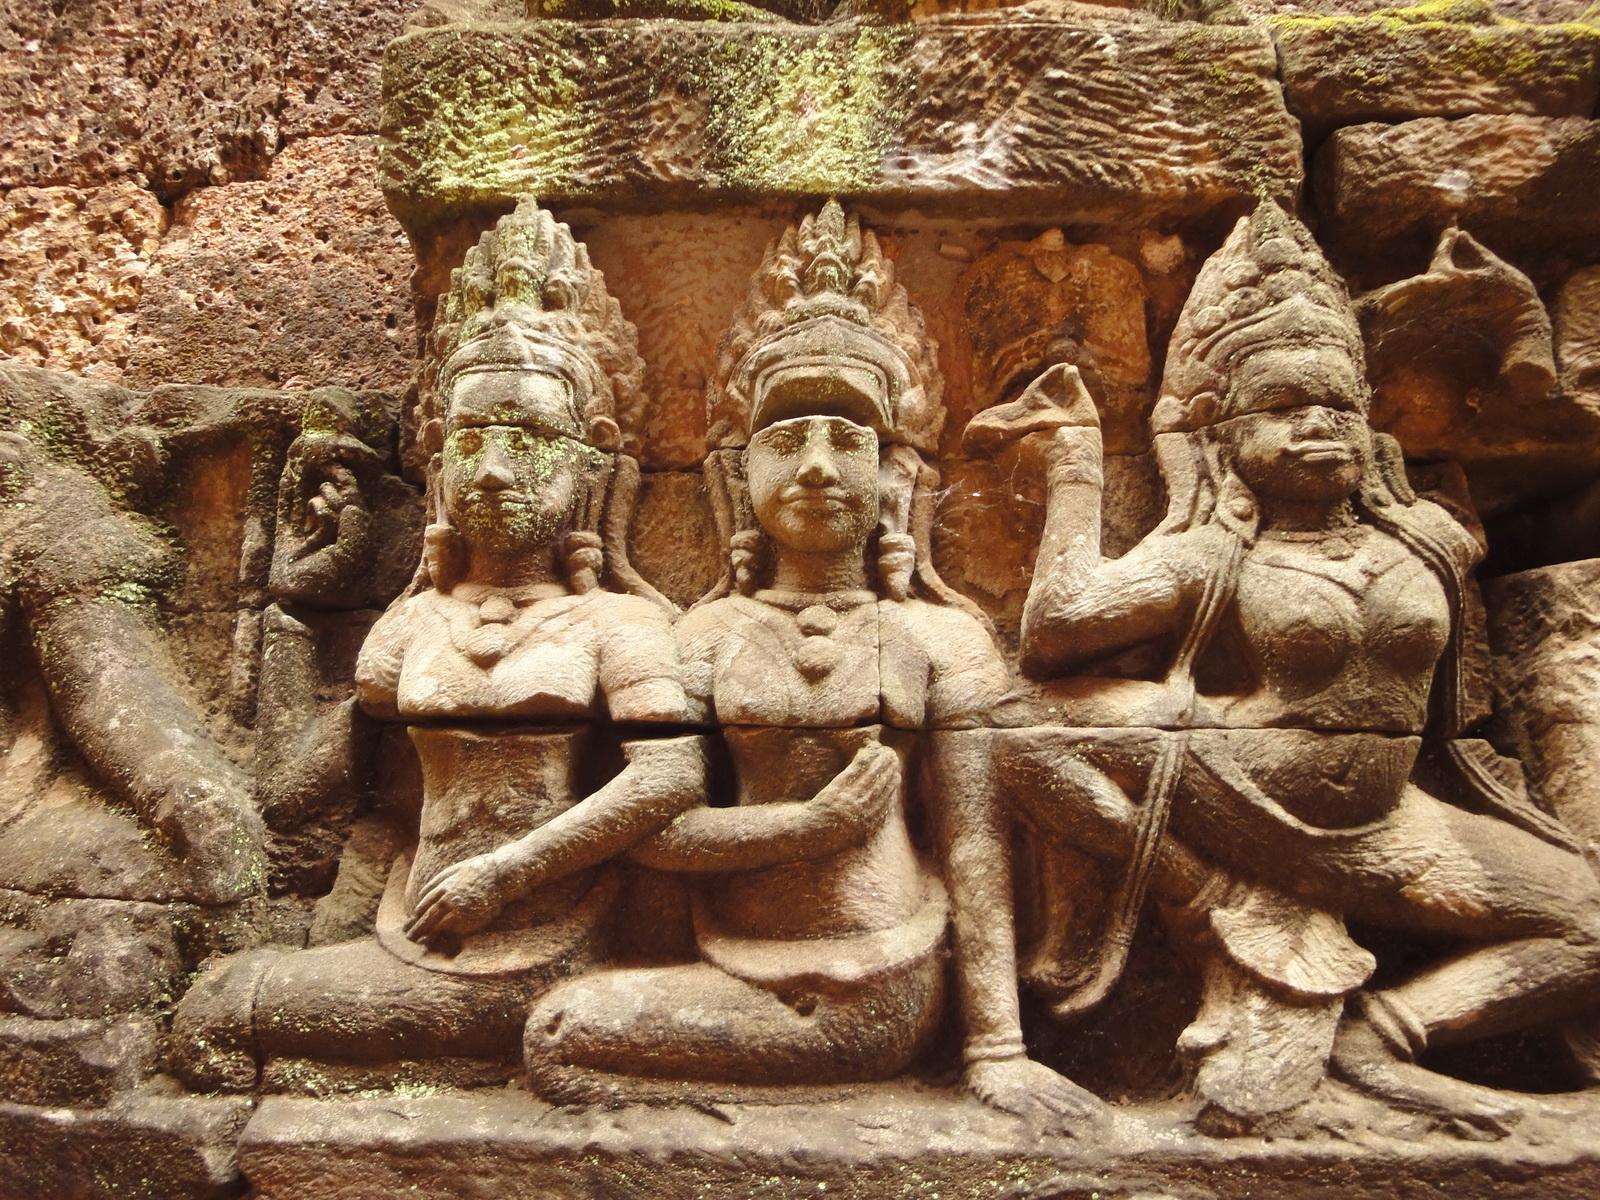 Leper King Terrace hidden wall underworld Nagas and deities 056